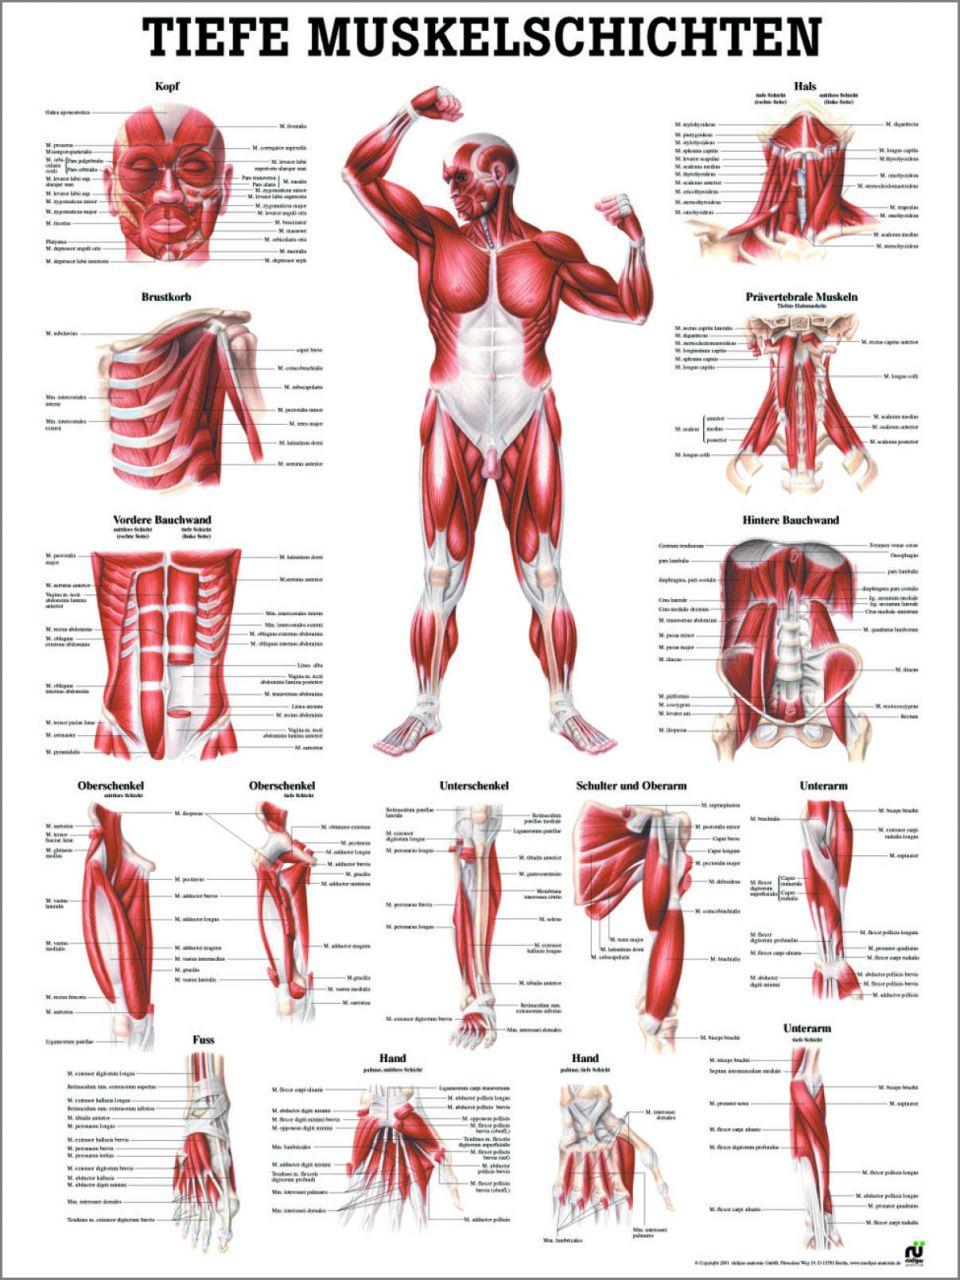 Wunderbar Hintere Bauchwand Anatomie Ideen - Anatomie Ideen ...